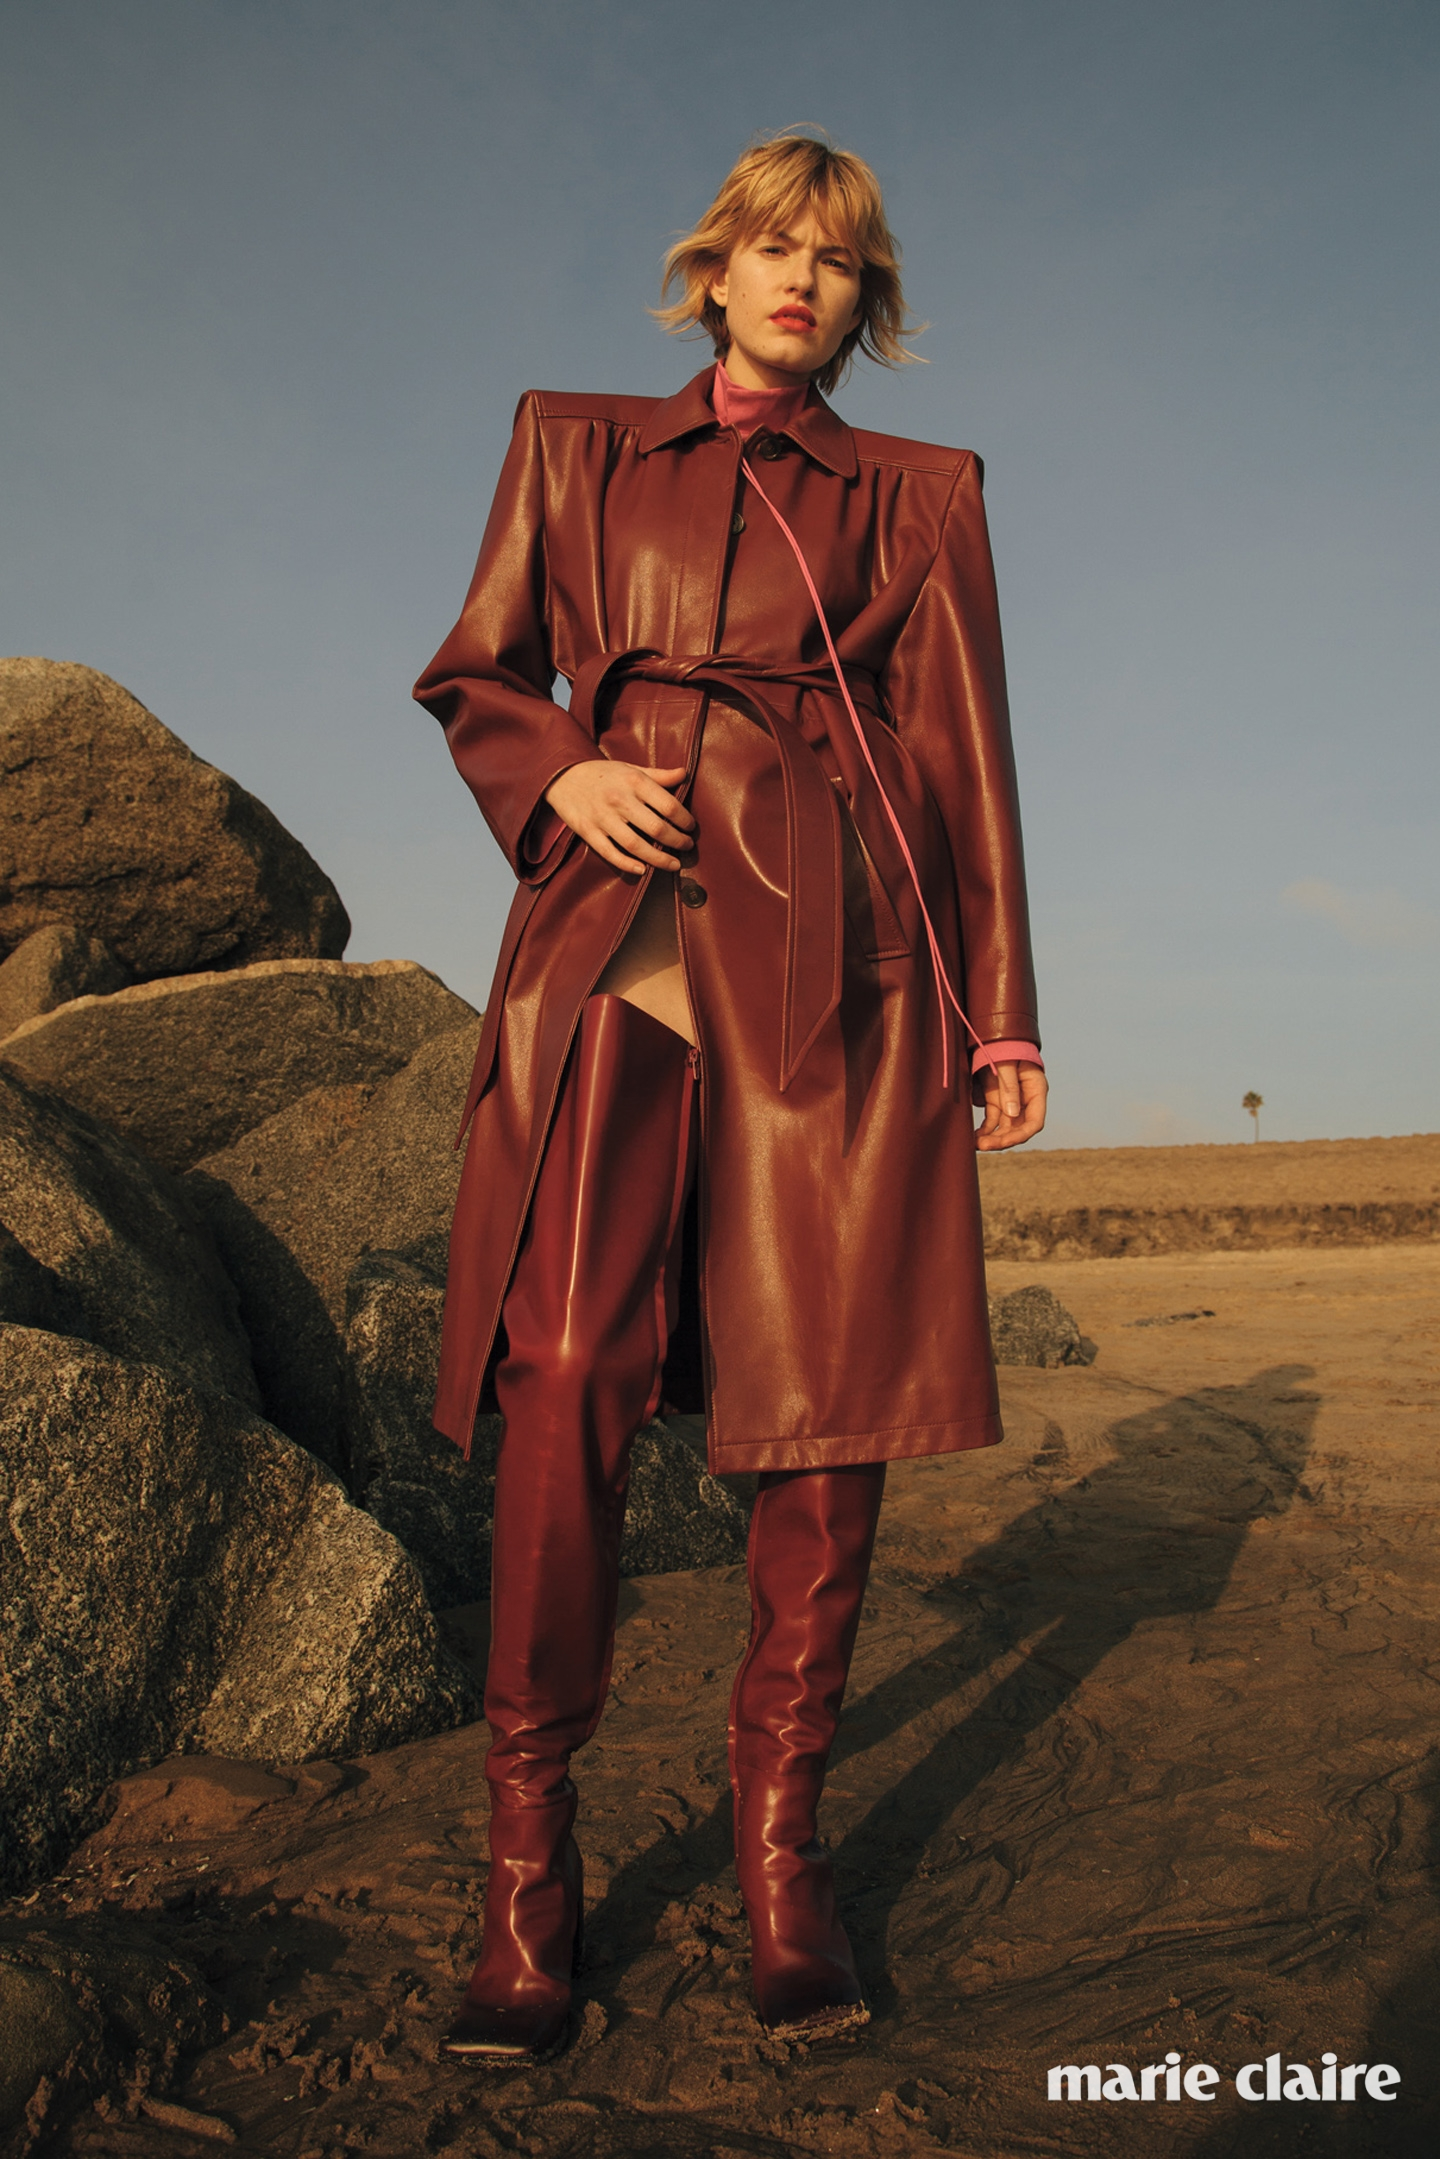 가죽 코트와 실크 셔츠, 가죽 사이하이 부츠 모두 발렌시아가(Balenciaga).